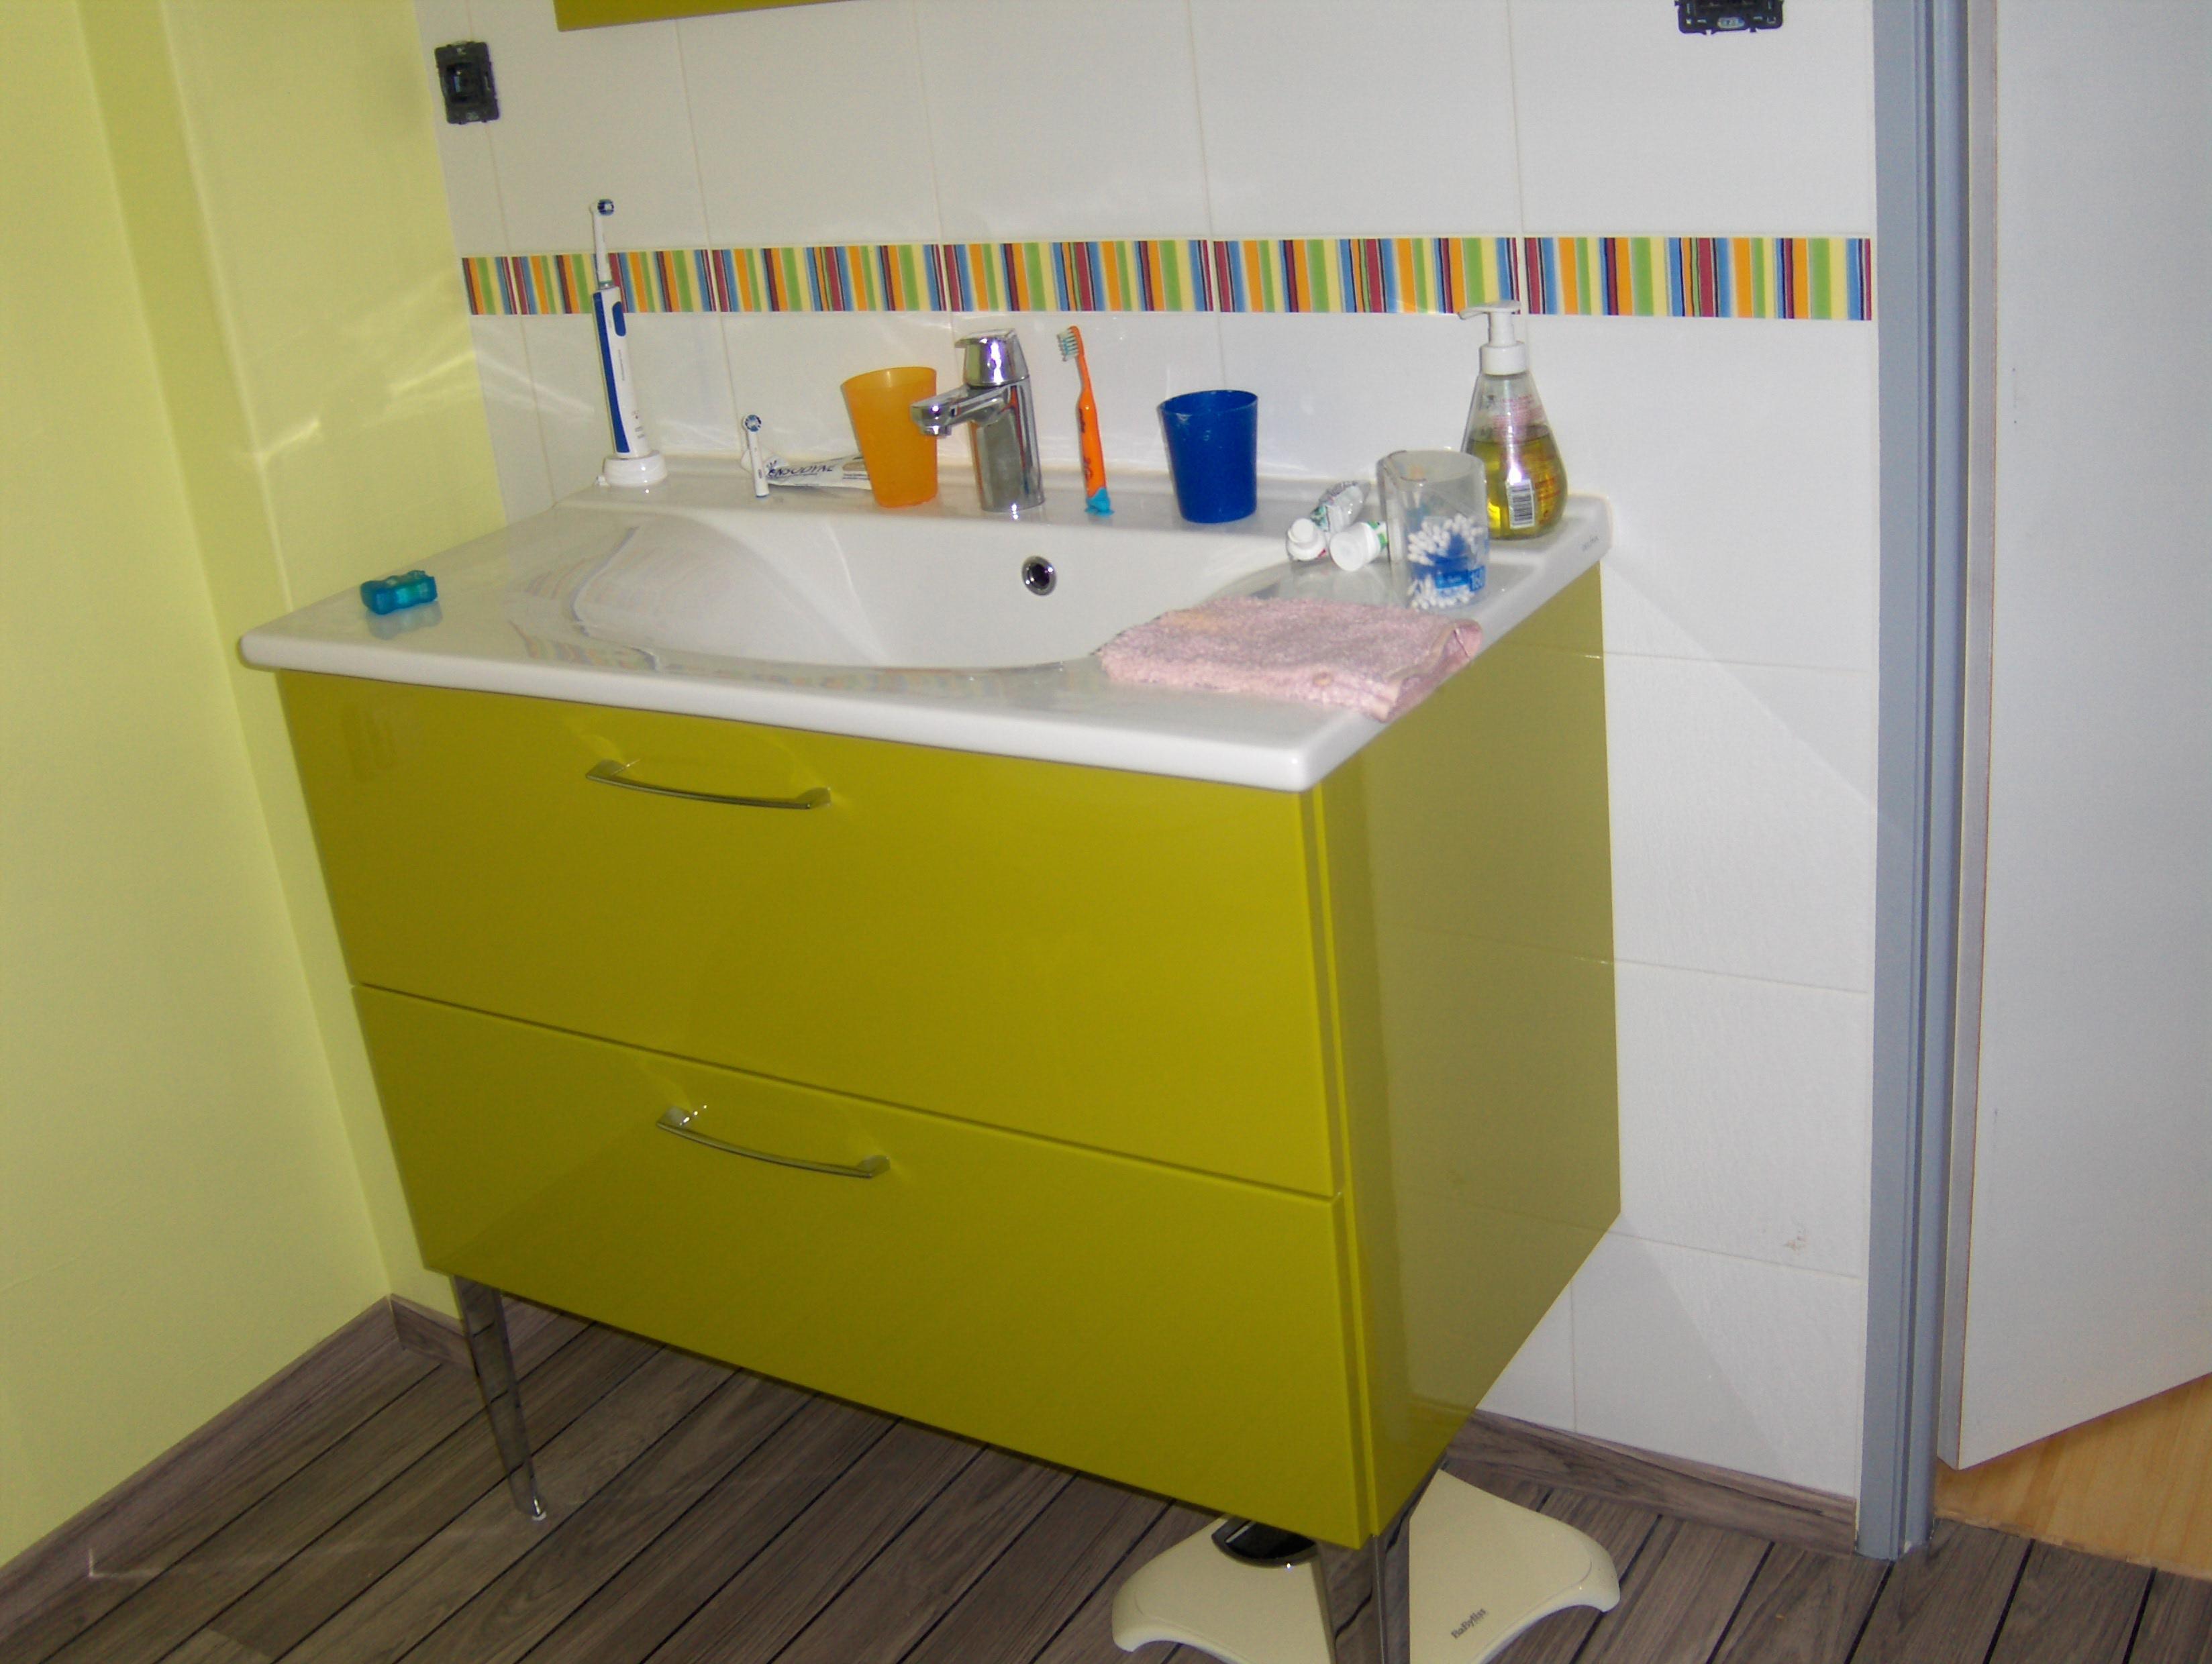 Meuble salle de bain ikea occasion for Ikea fr salle de bain